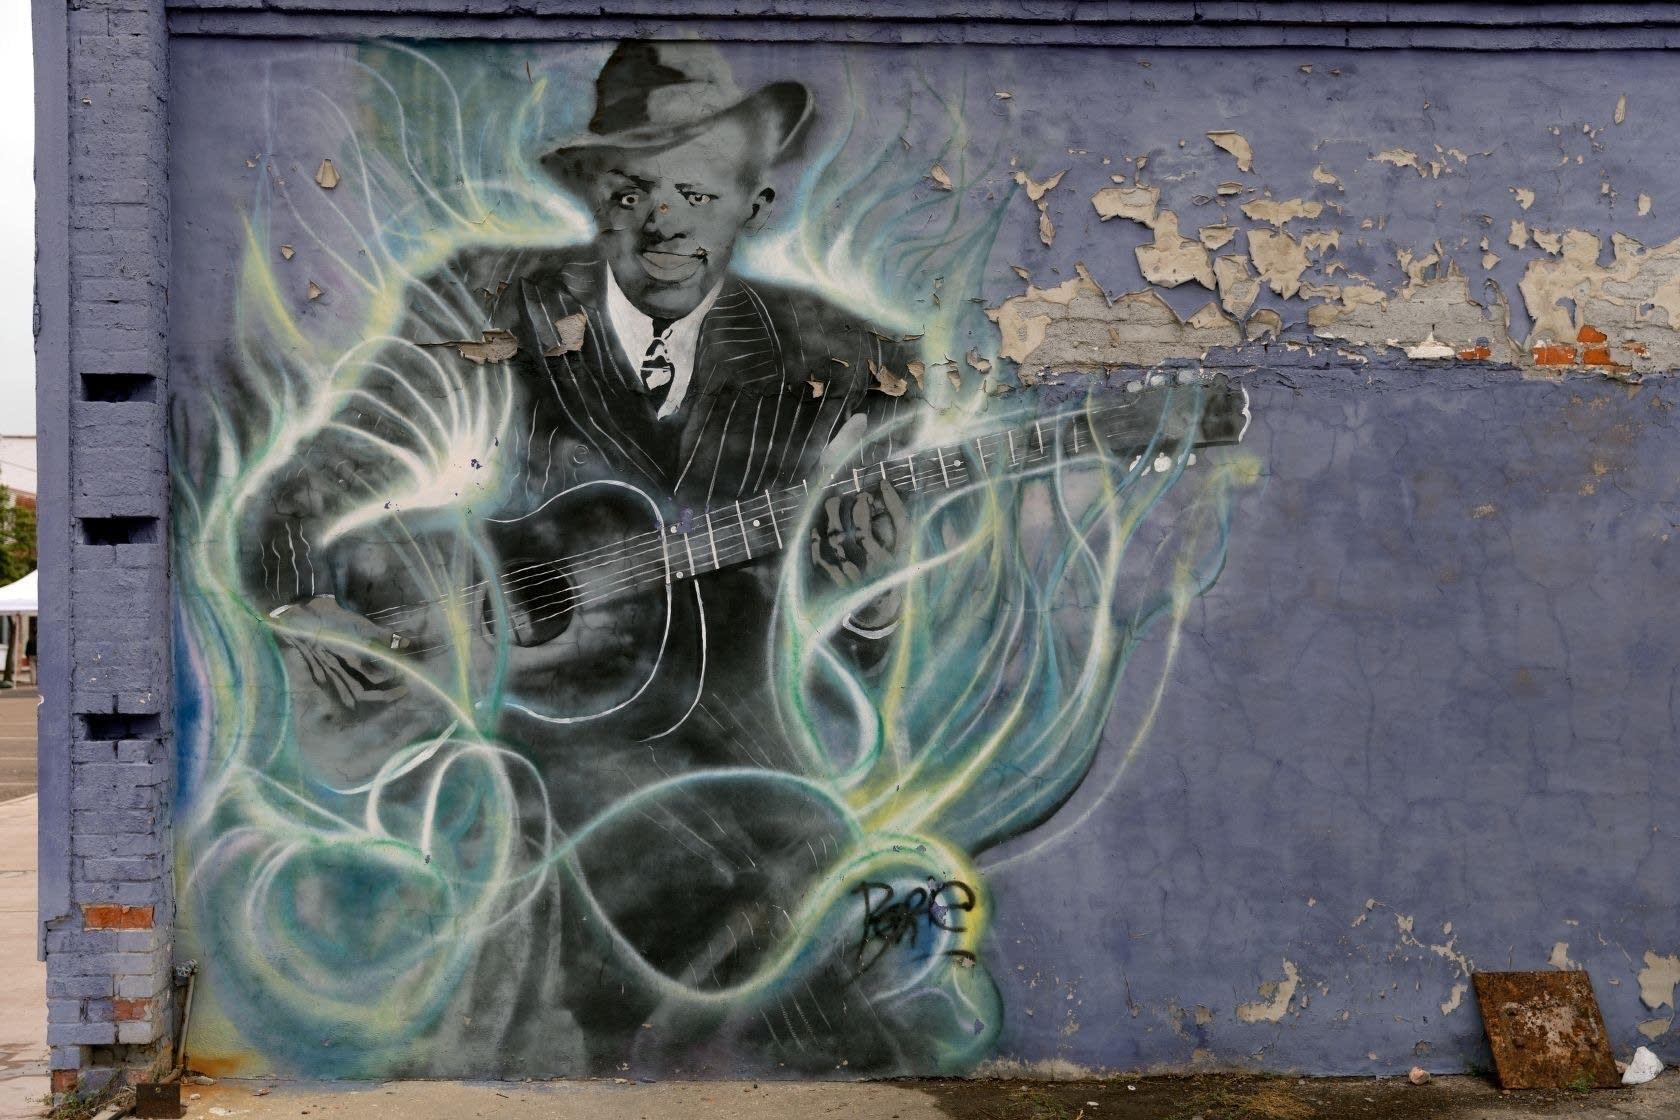 Robert Johnson mural in Clarksdale, Mississippi